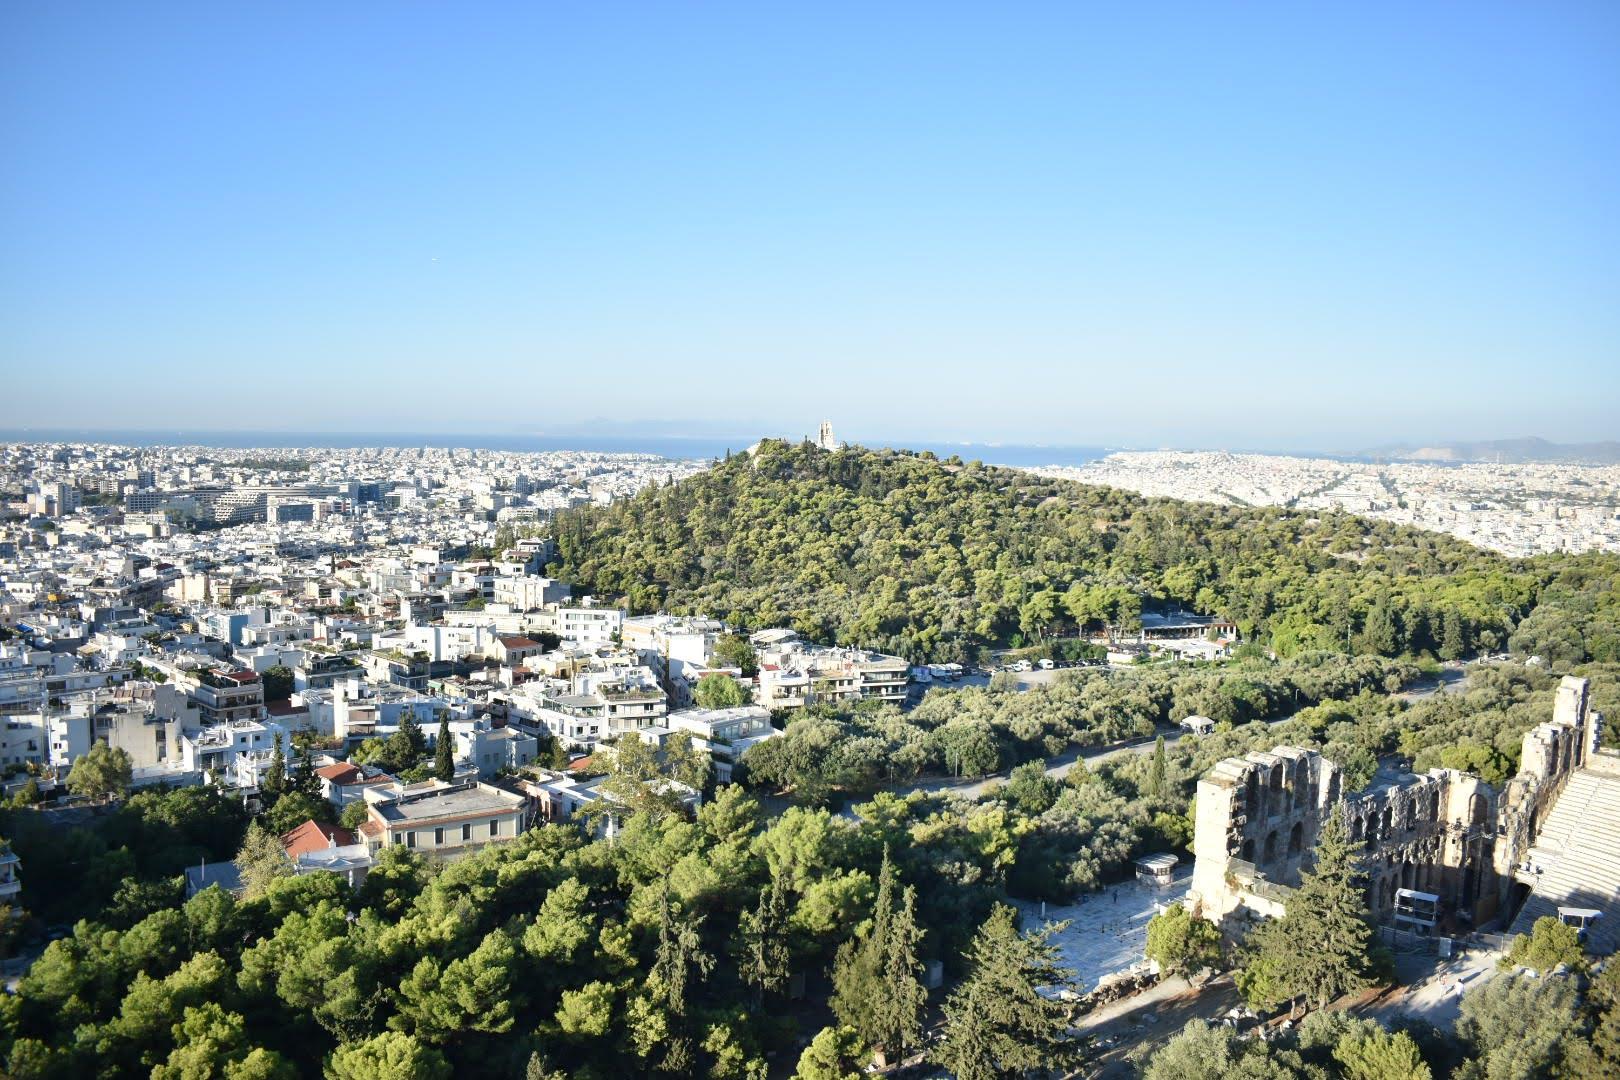 Dónde alojarse en Atenas: Mejores zonas y hoteles